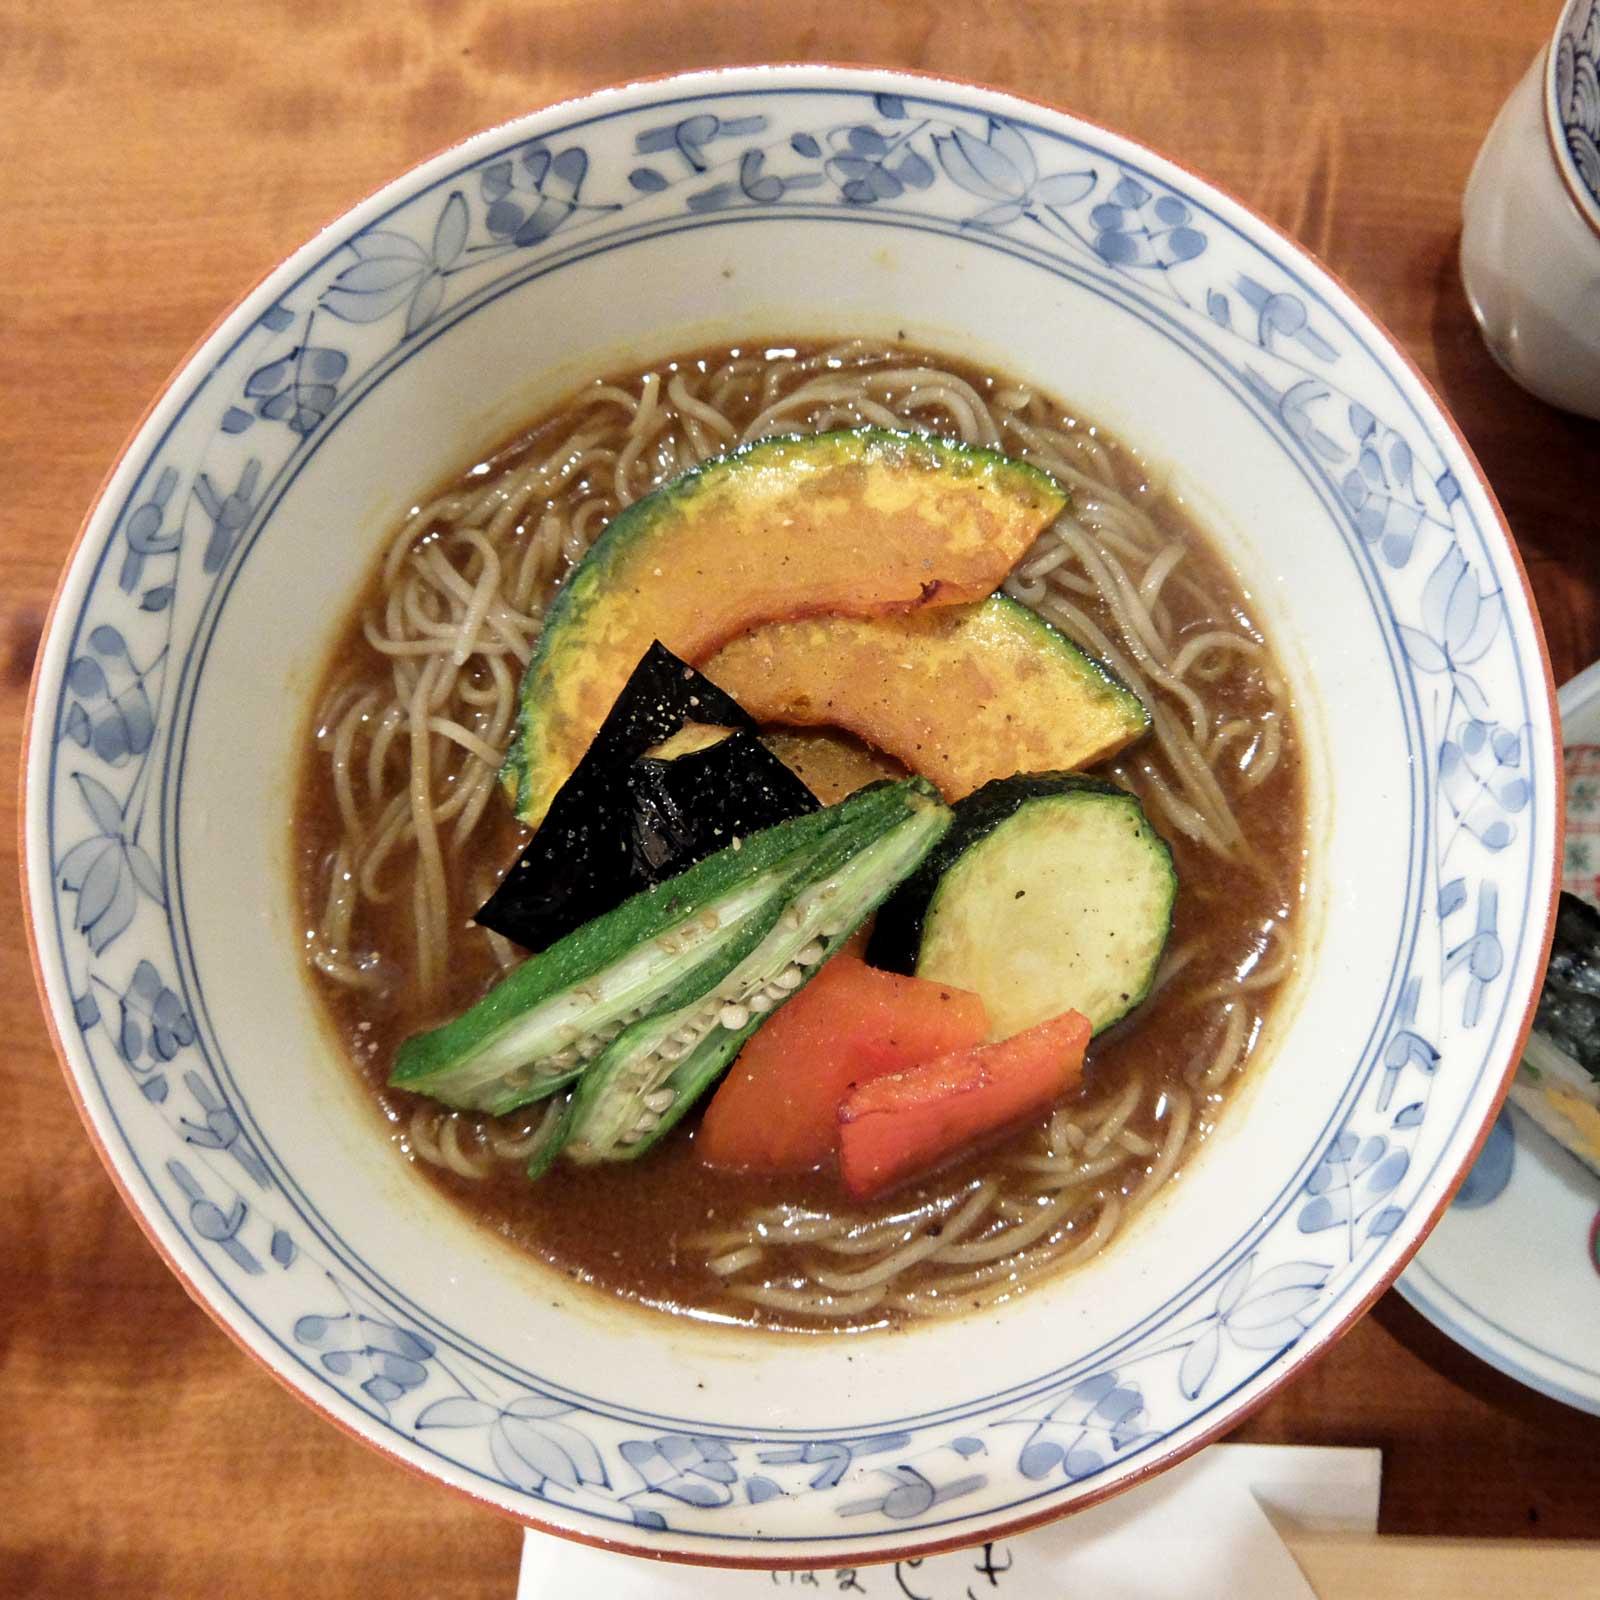 そば処 とき 夏野菜 冷やしカレー蕎麦 大阪 梅田 北新地